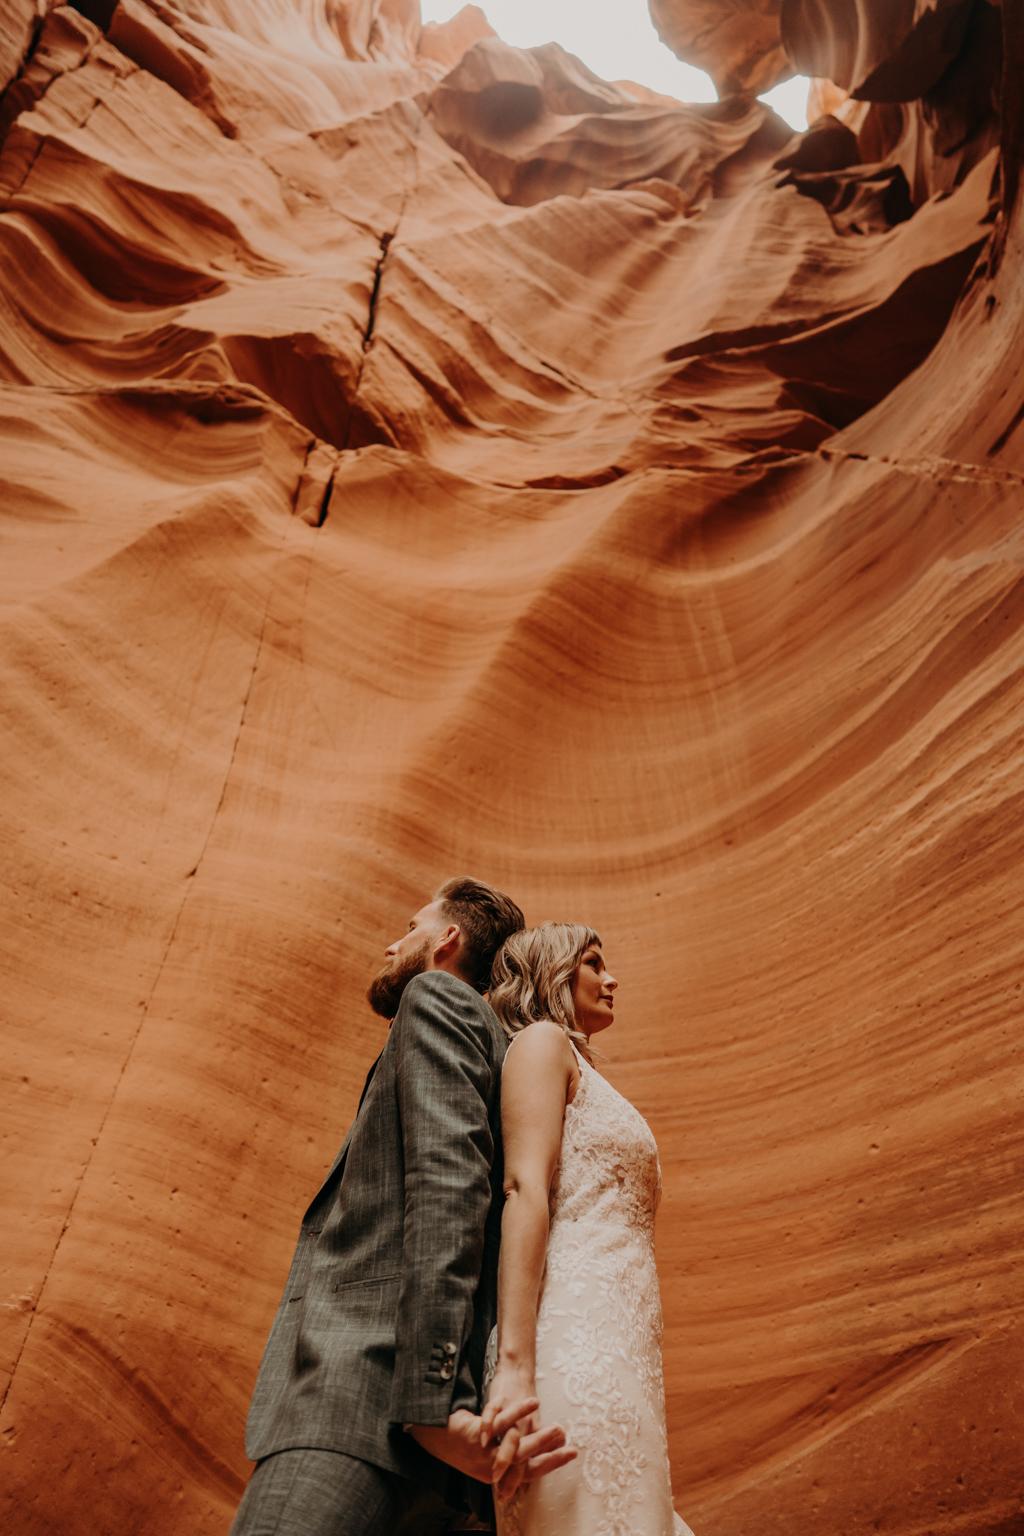 trouweninhetbuitenland_huwelijksfotografie_roxannedankers-34.jpg